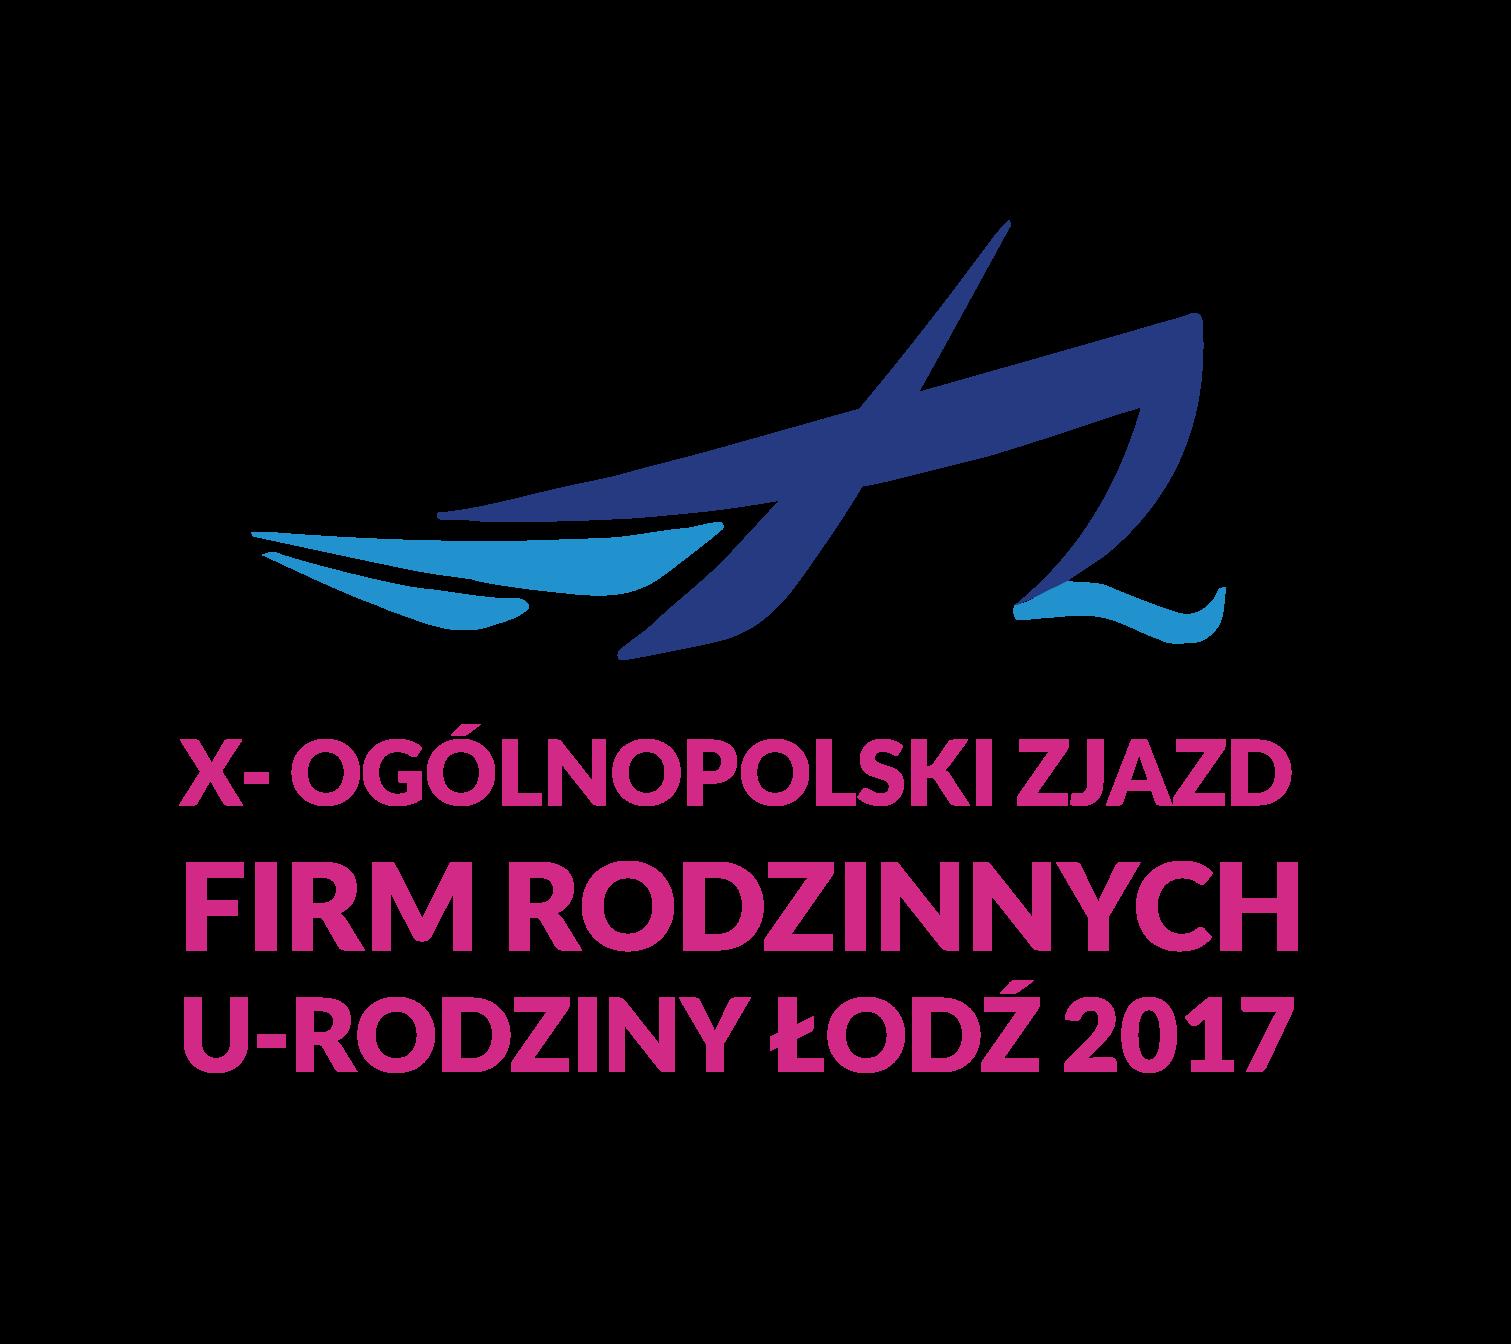 u-rodziny2016-logo-kwadrat